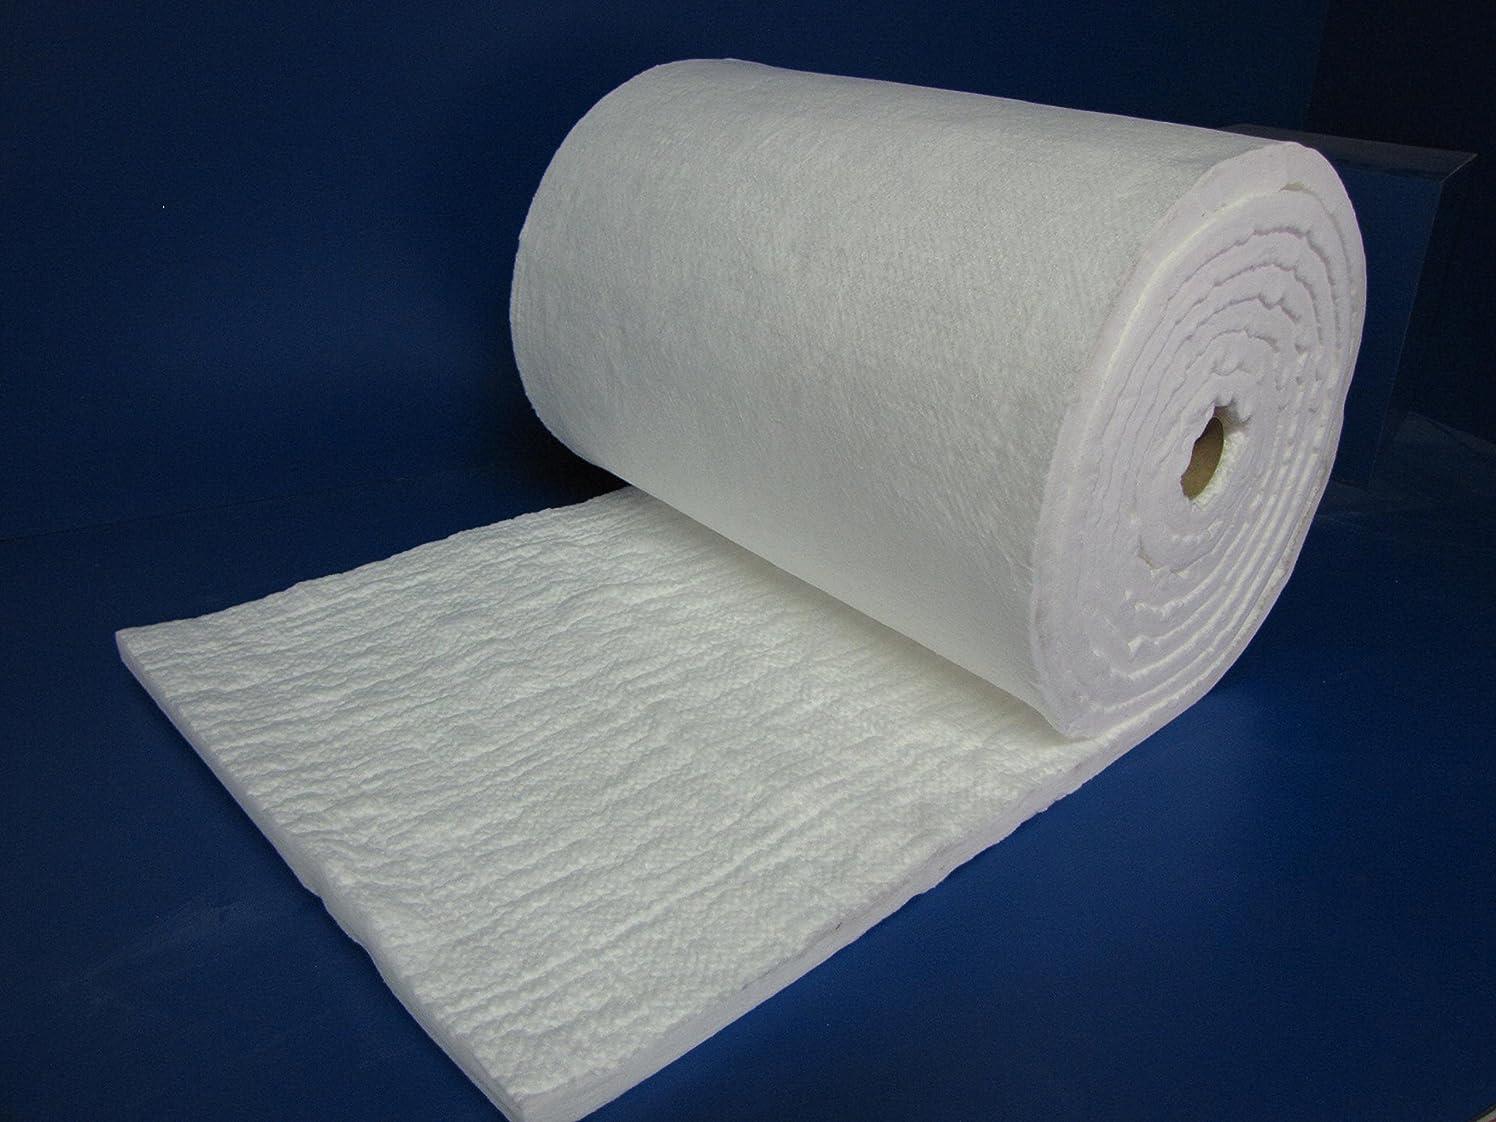 Ceramic Fiber Insulation Blanket (3/4